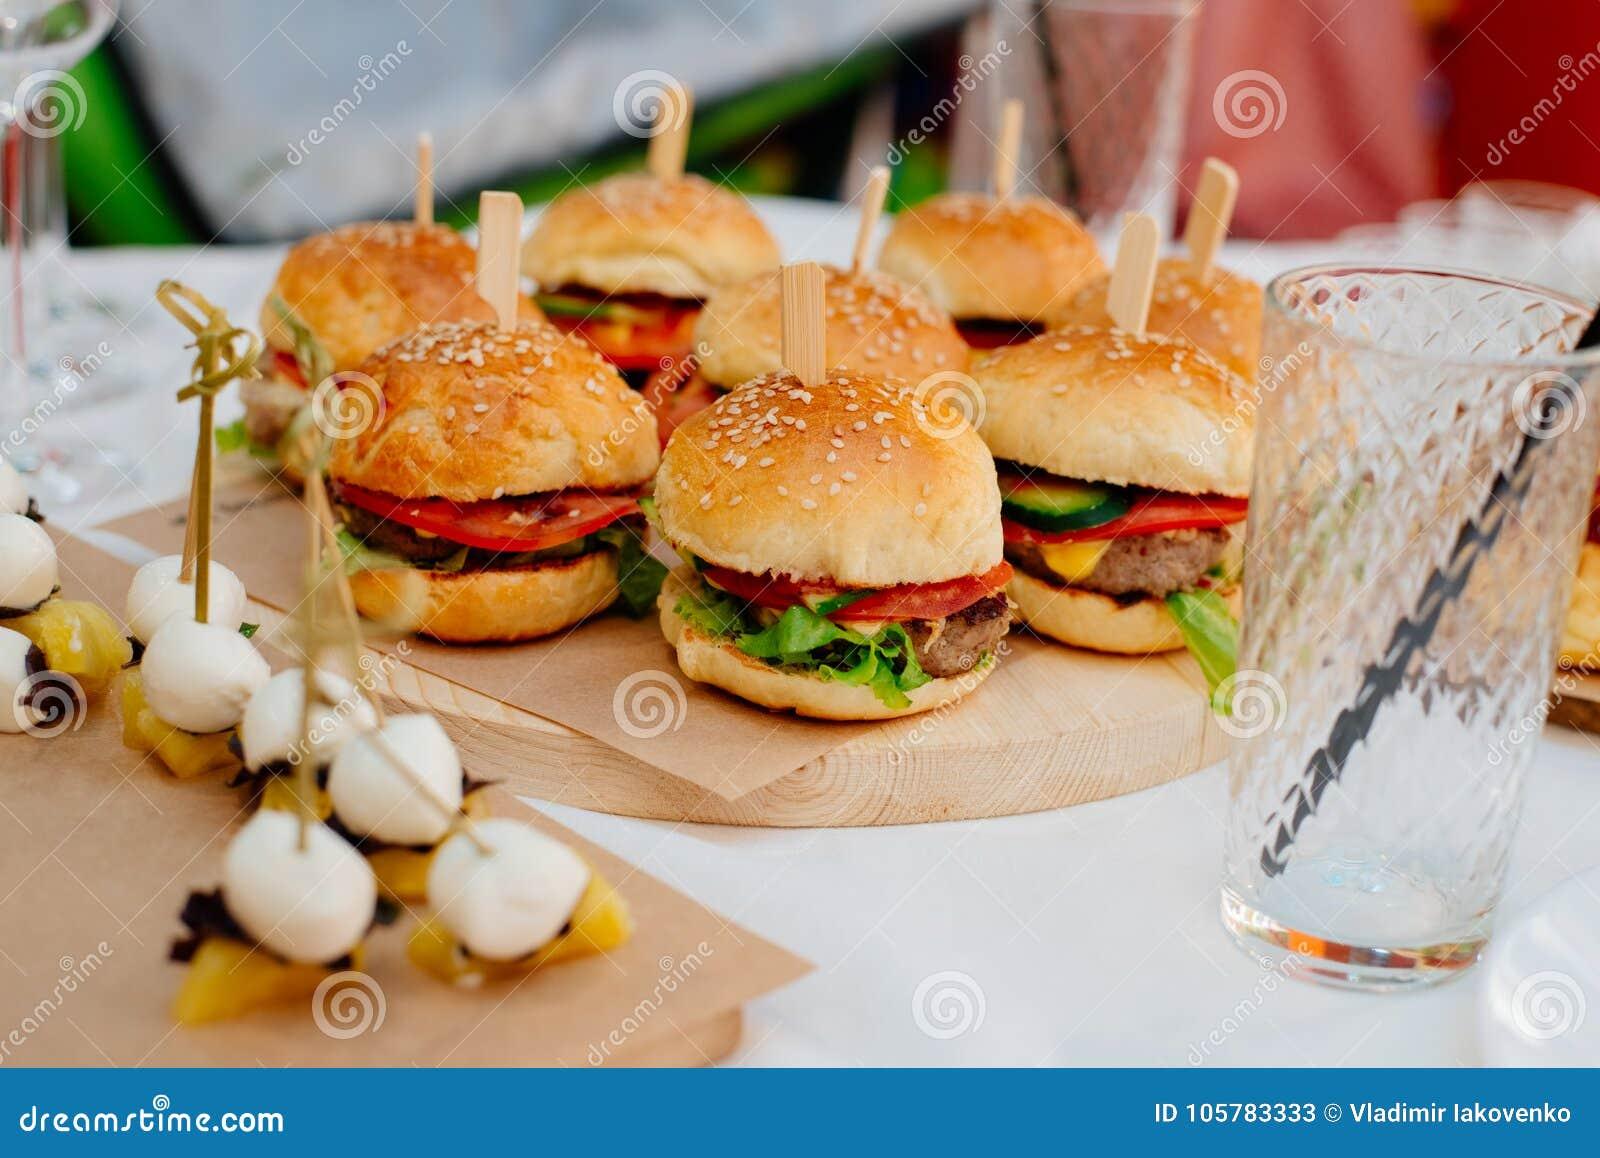 Mini hamburgers pour une partie